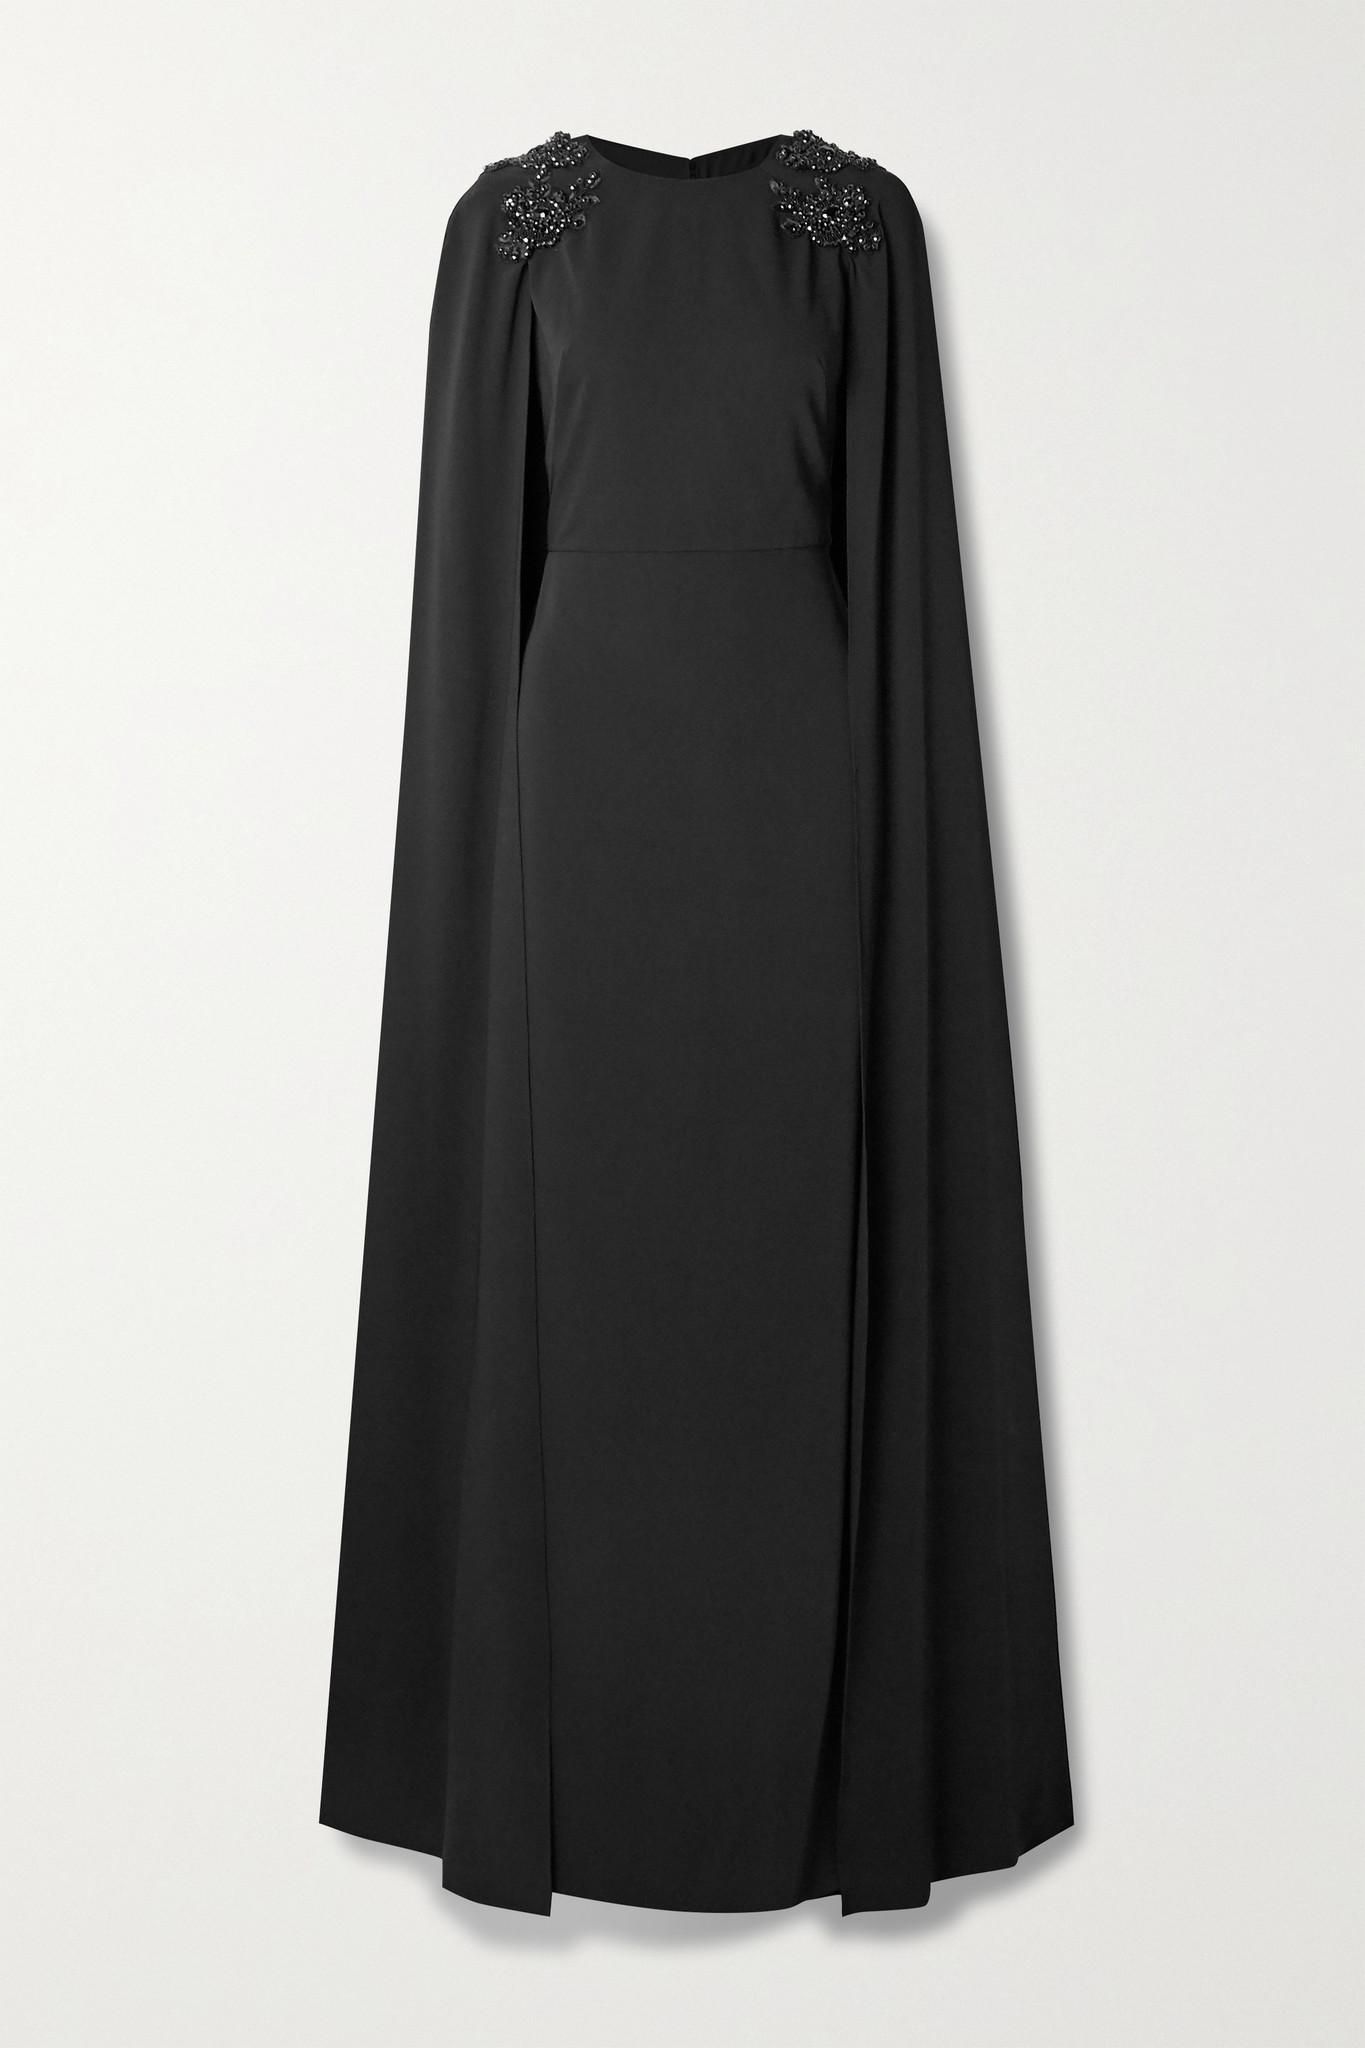 MARCHESA NOTTE - 披风效果带缀饰绉纱礼服 - 黑色 - US8